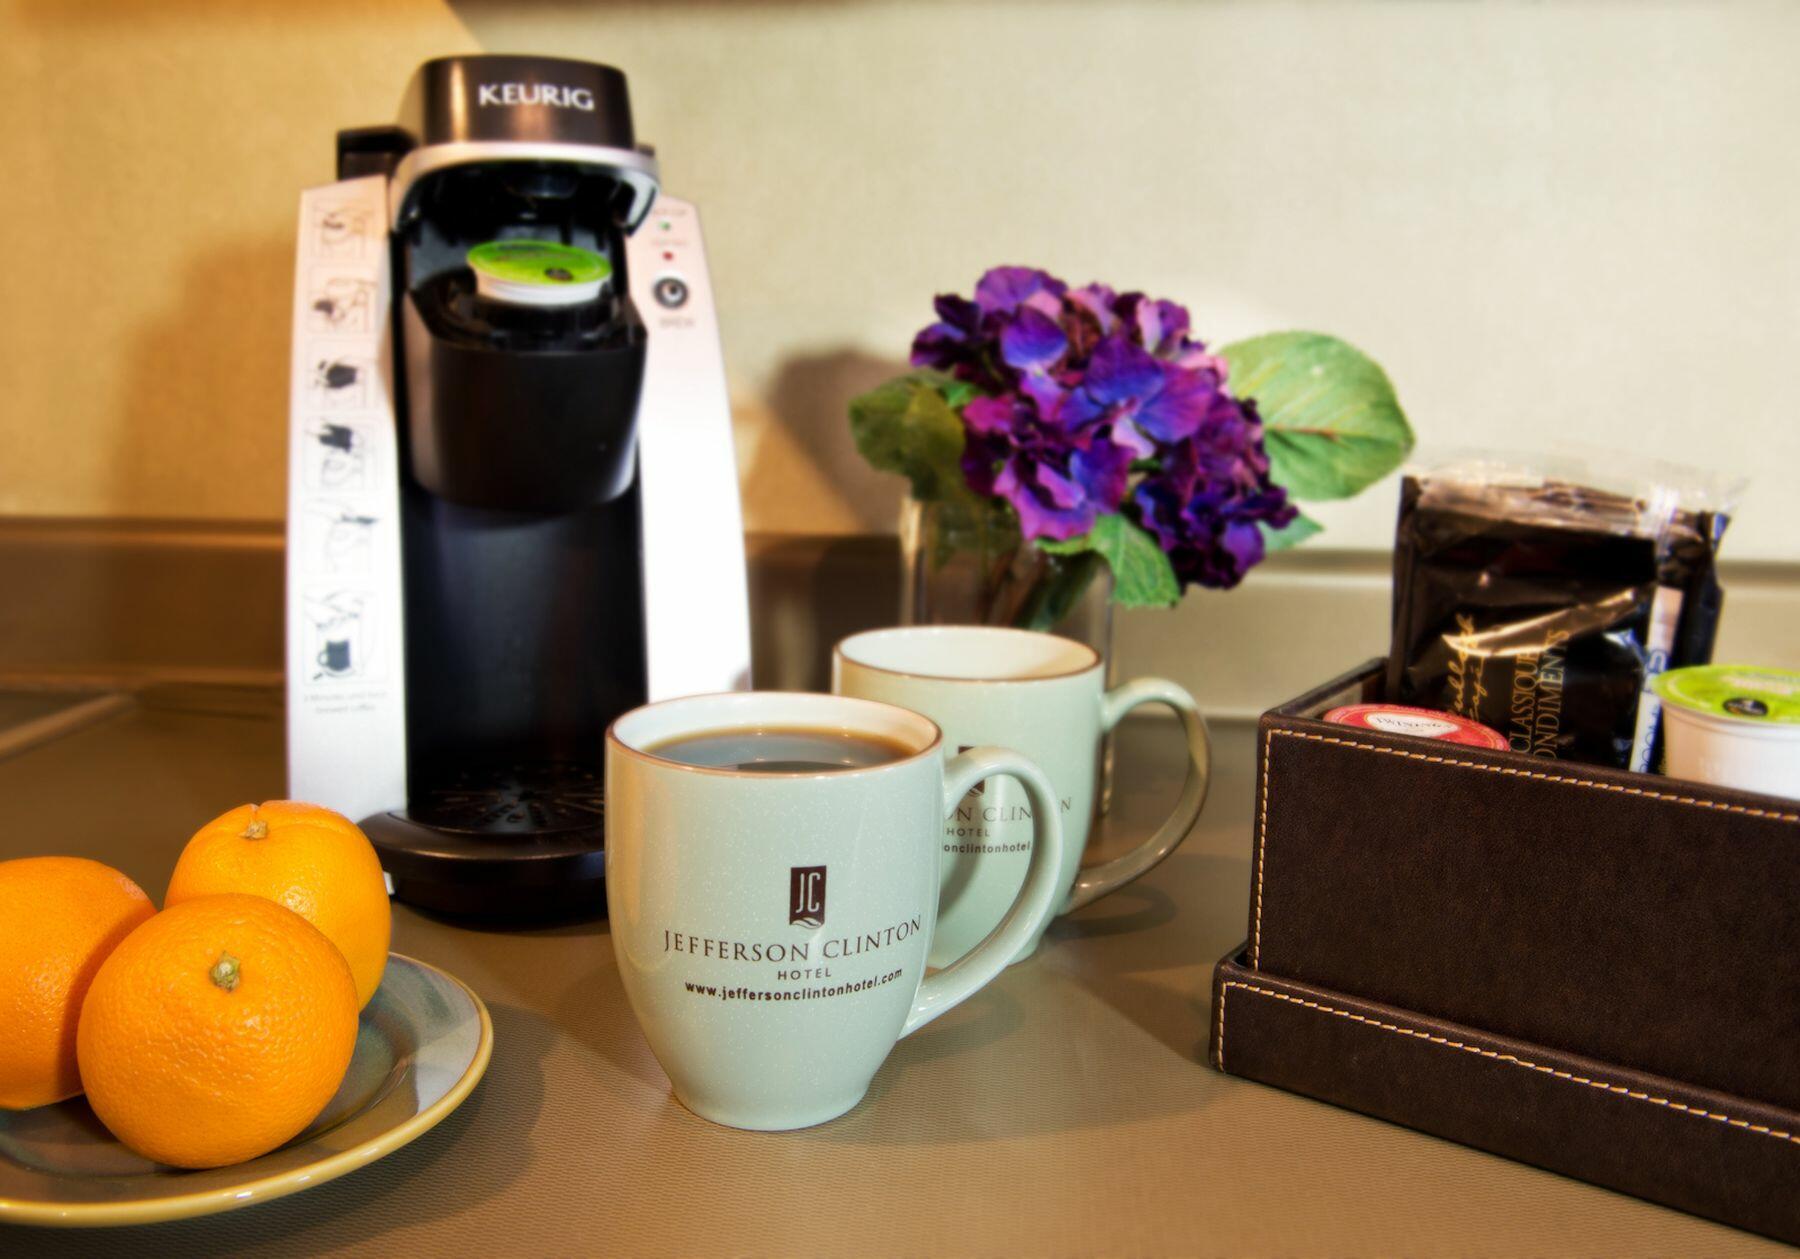 Keurig coffee maker, coffee cups and oranges